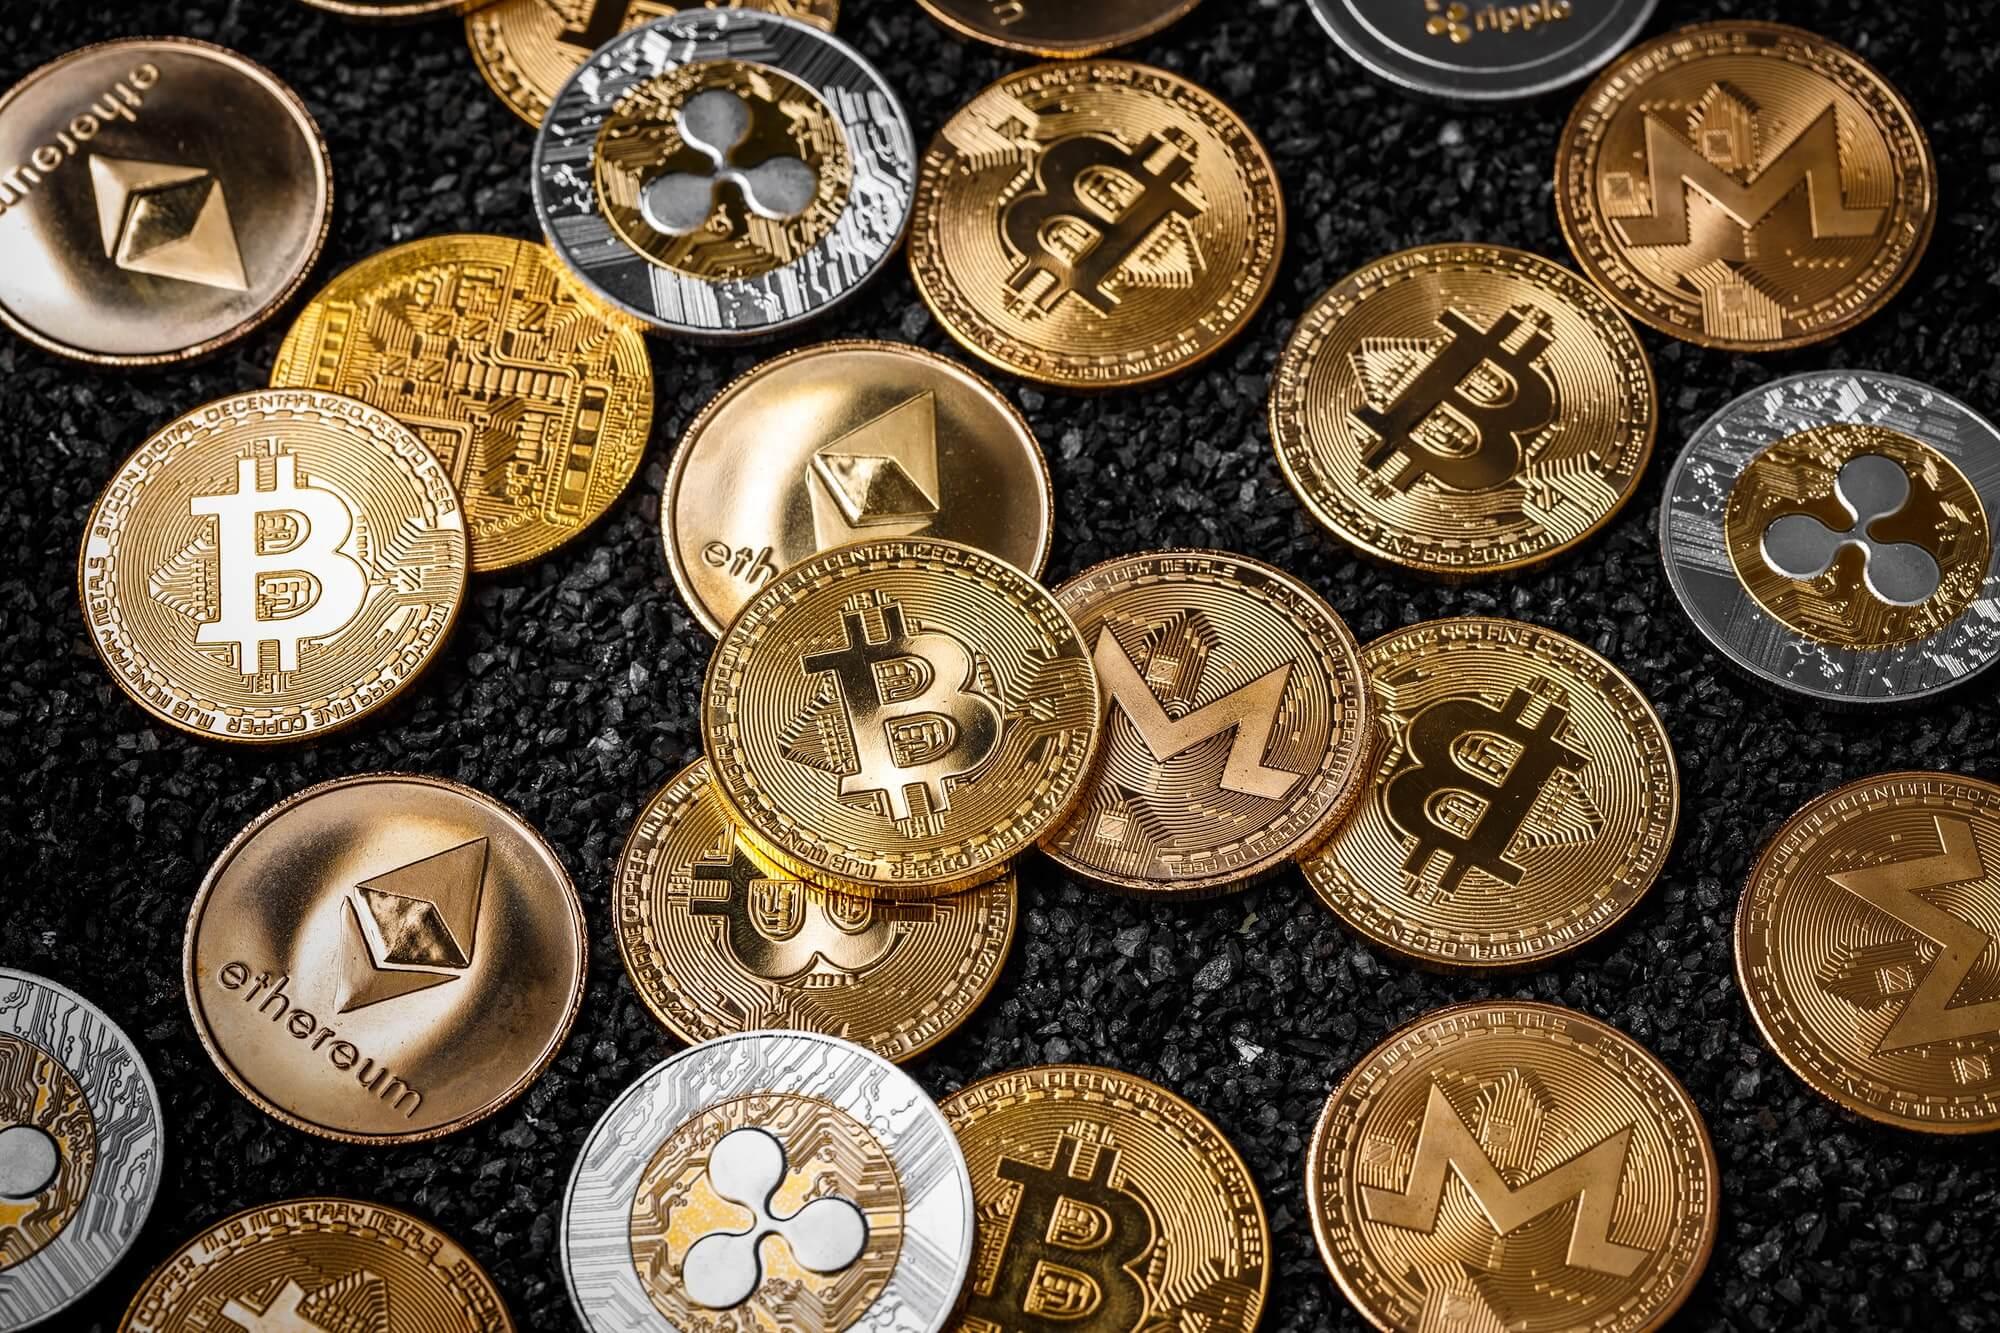 Kripto Para Borsalarında Yapılan Hatalar Nelerdir? 2 - Kripto Para Borsalarında Yapılan Hatalar